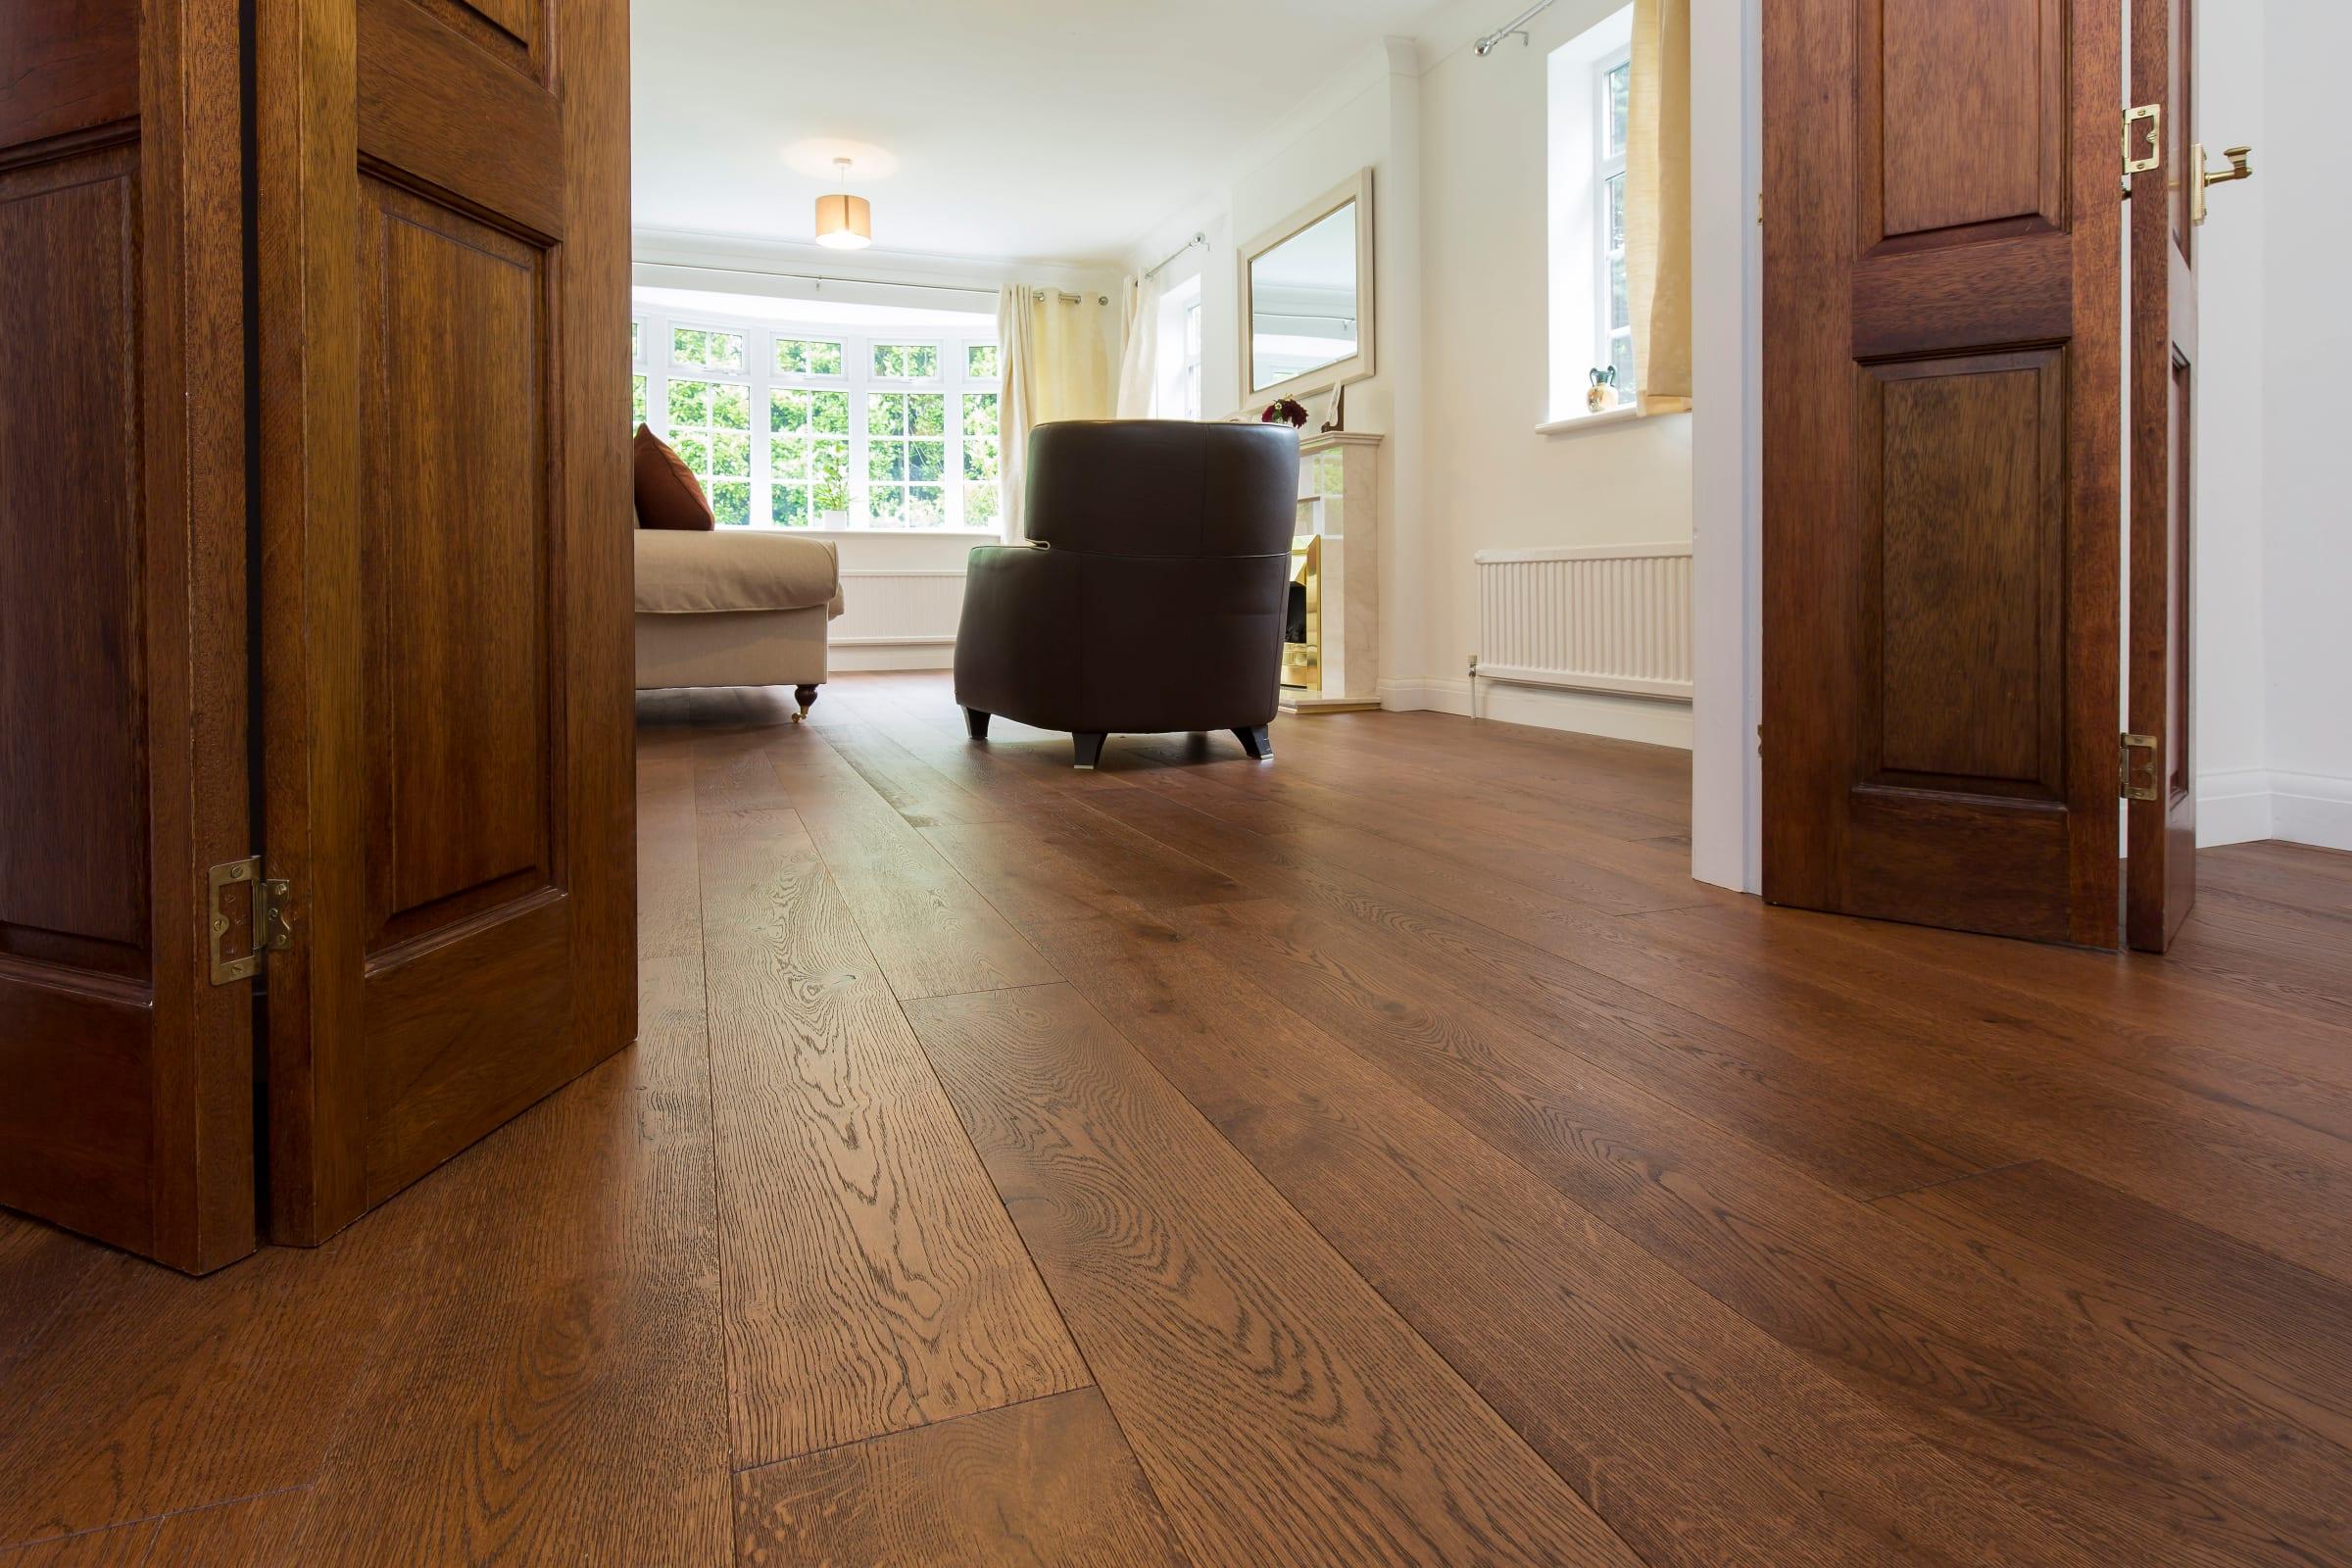 Abinger wood floors by V4